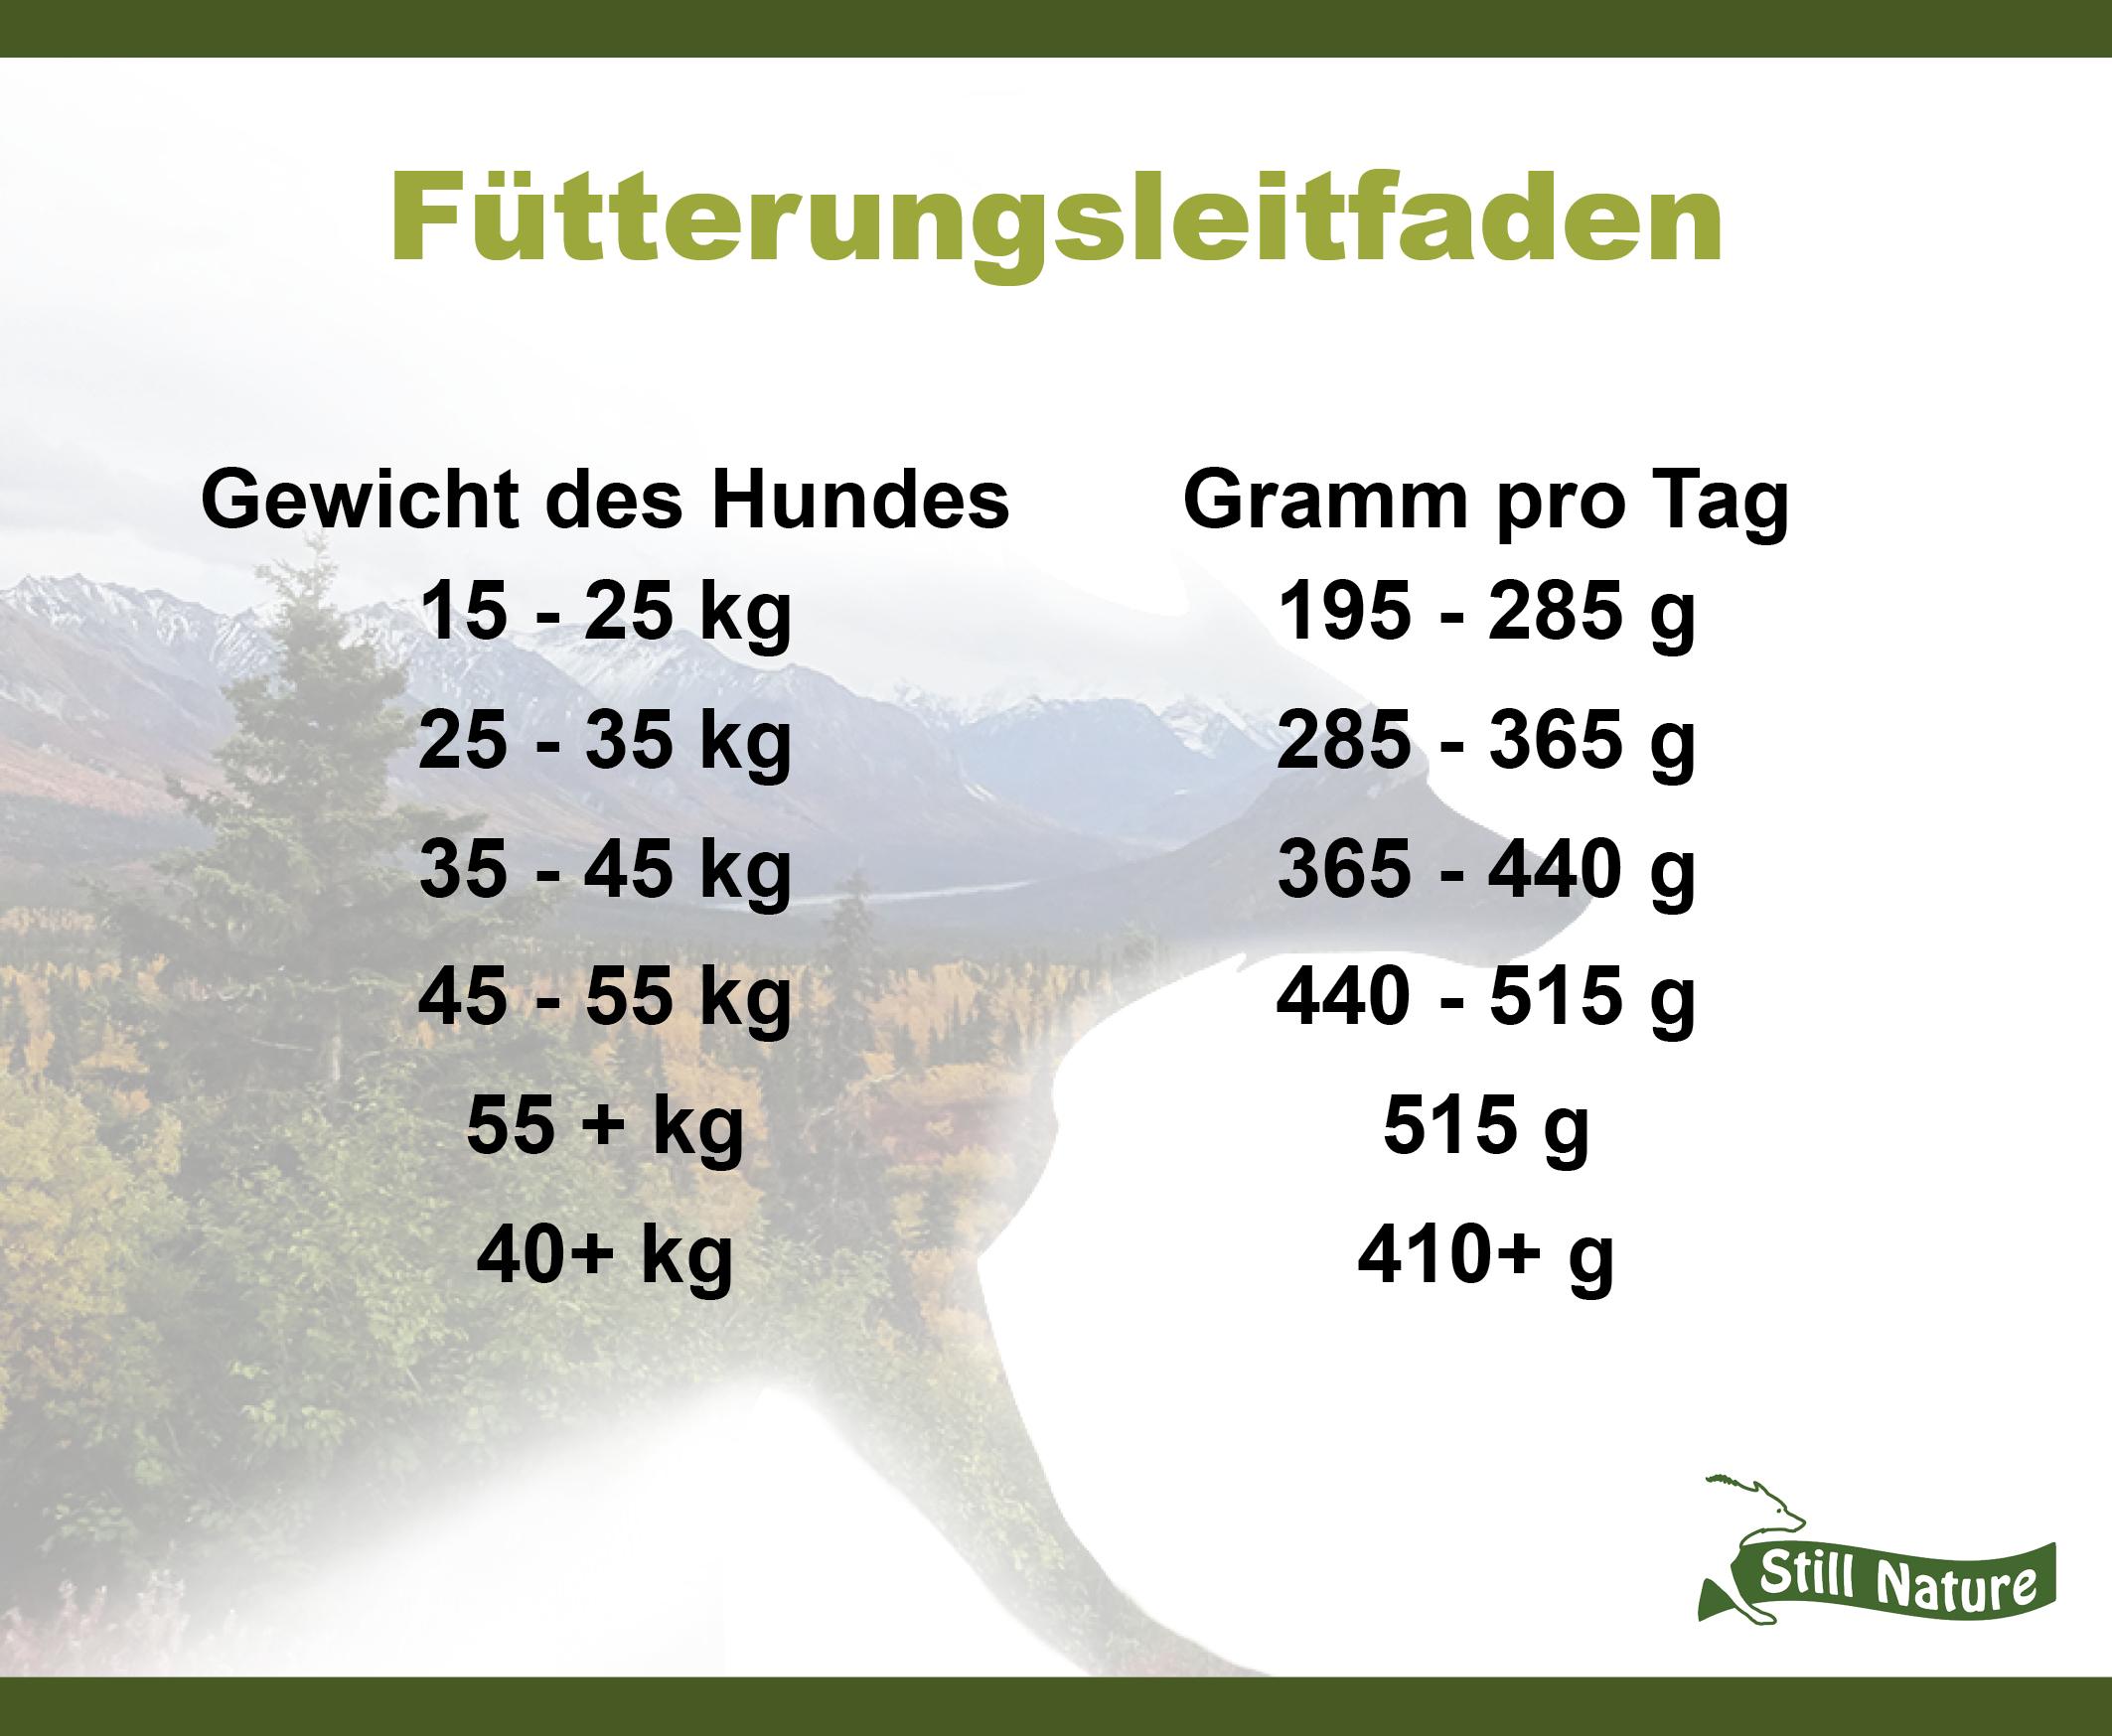 Hier findet du den Fütterungsleitfaden für die Still Nature Sorte Pute für große Hunderassen